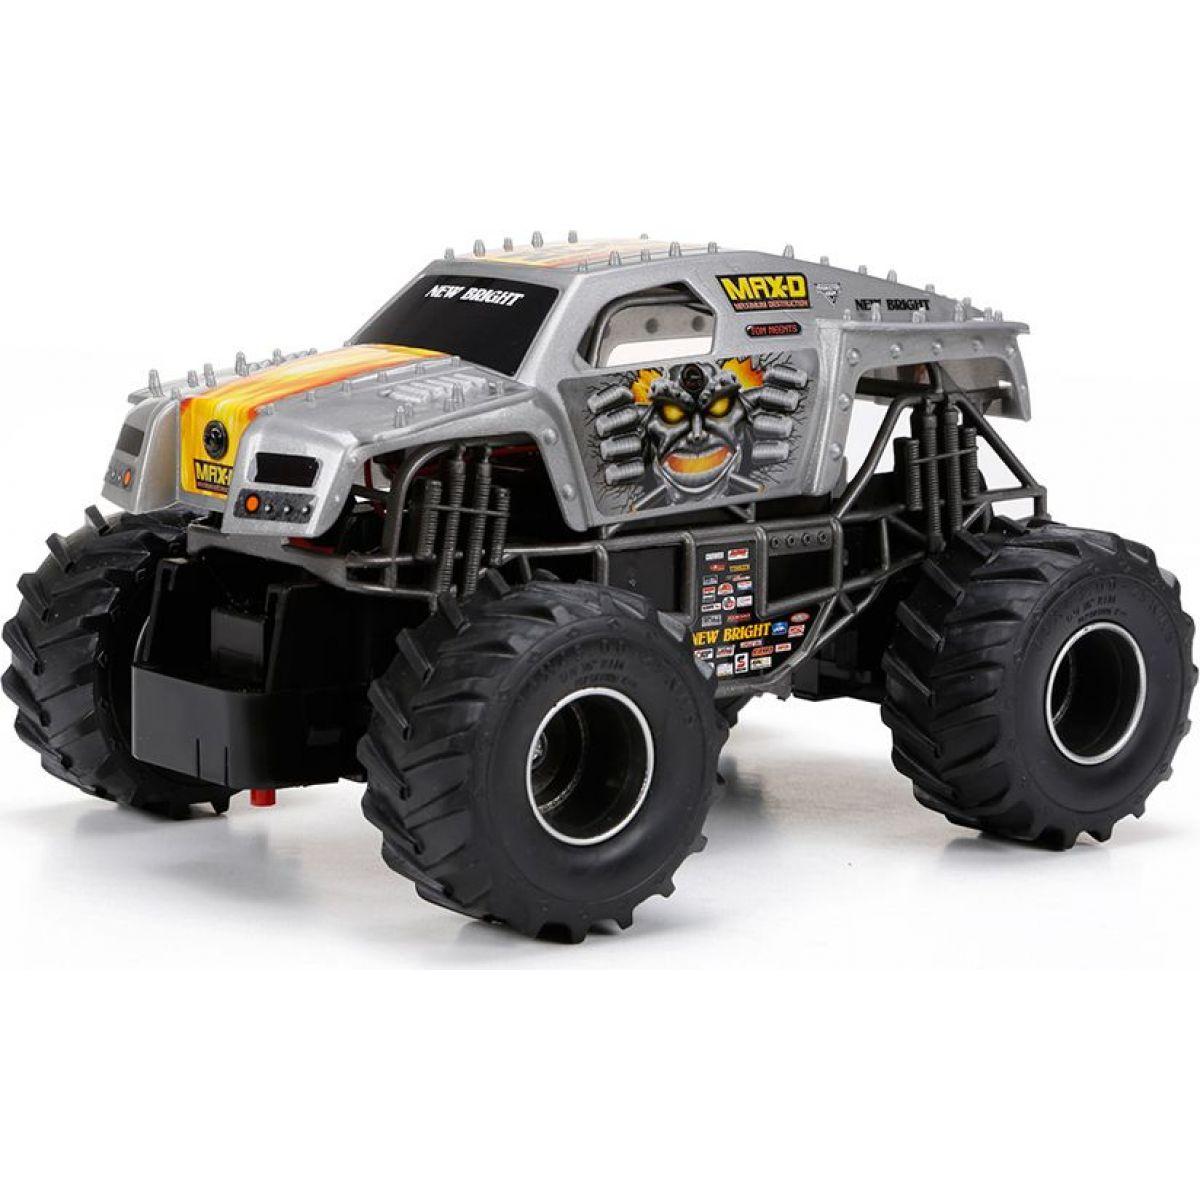 New Bright RC Auto Monster 1:24 - Šedá